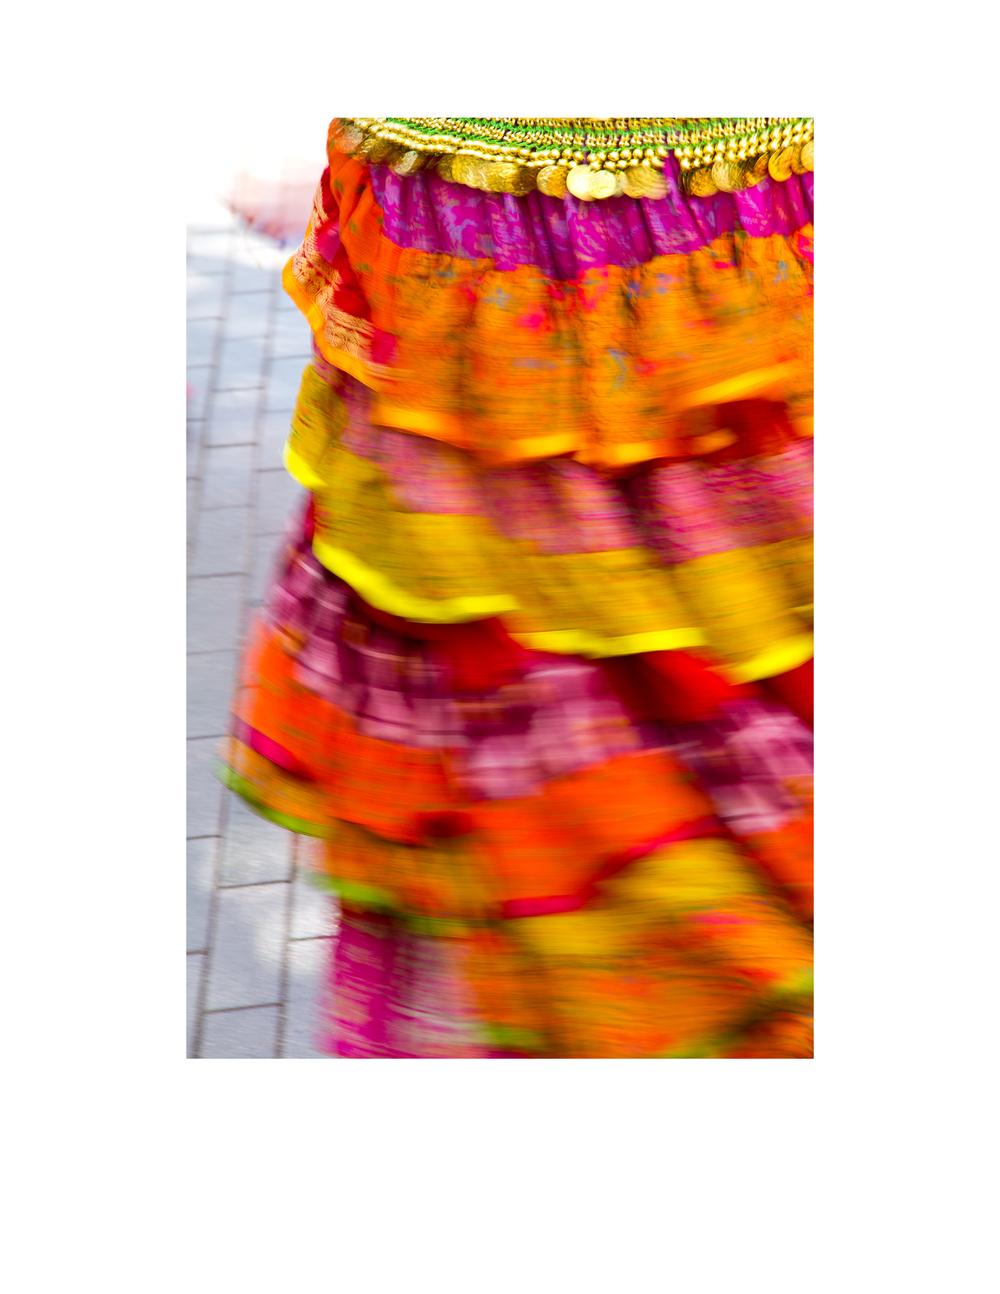 blurred1-7.jpg